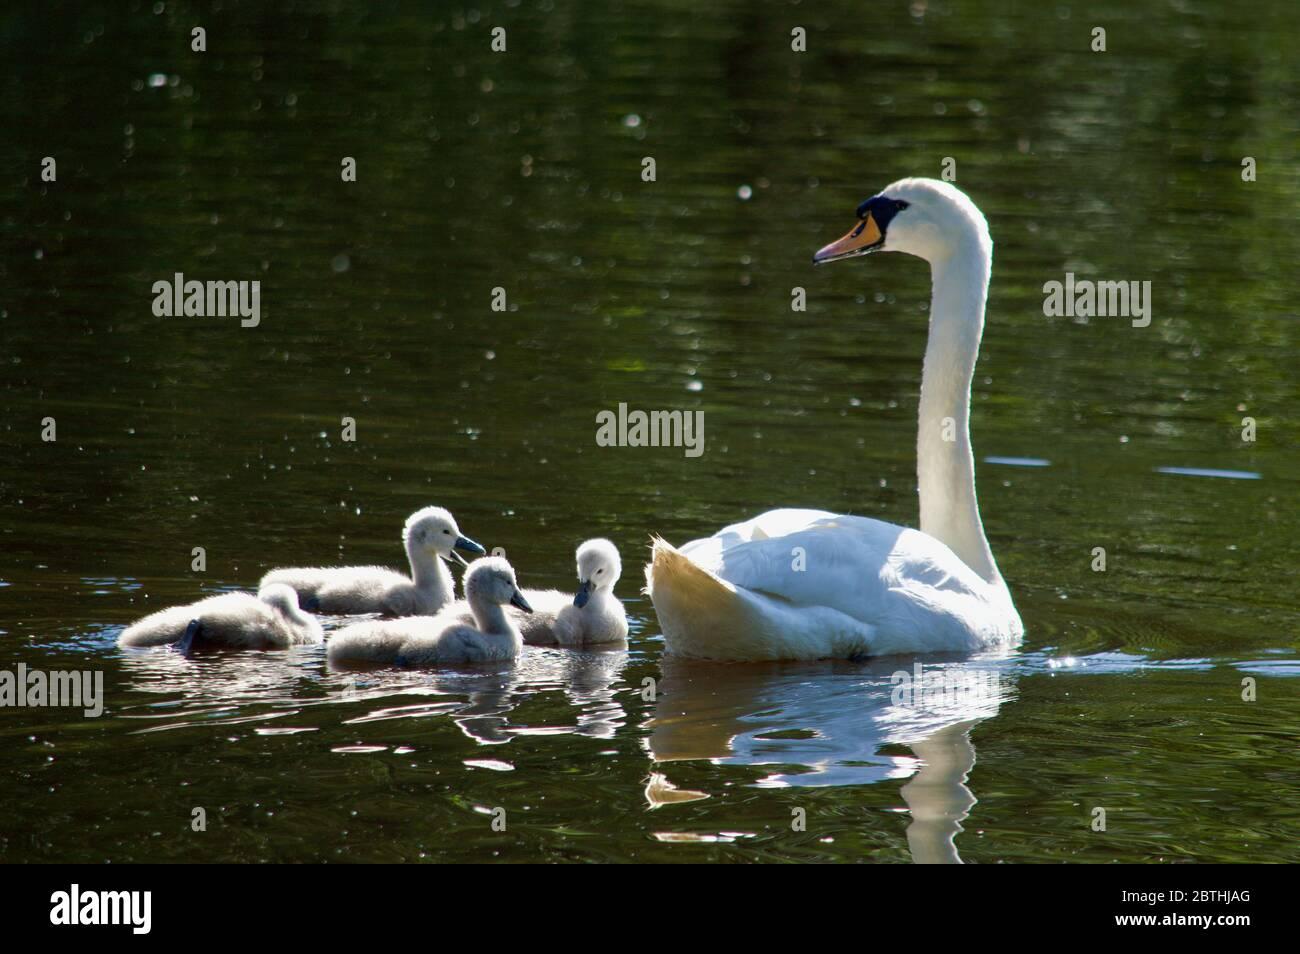 Les cygnets étant nourris par leurs parents à Queensmere Pond à Wimbledon Common, Londres, Royaume-Uni Banque D'Images